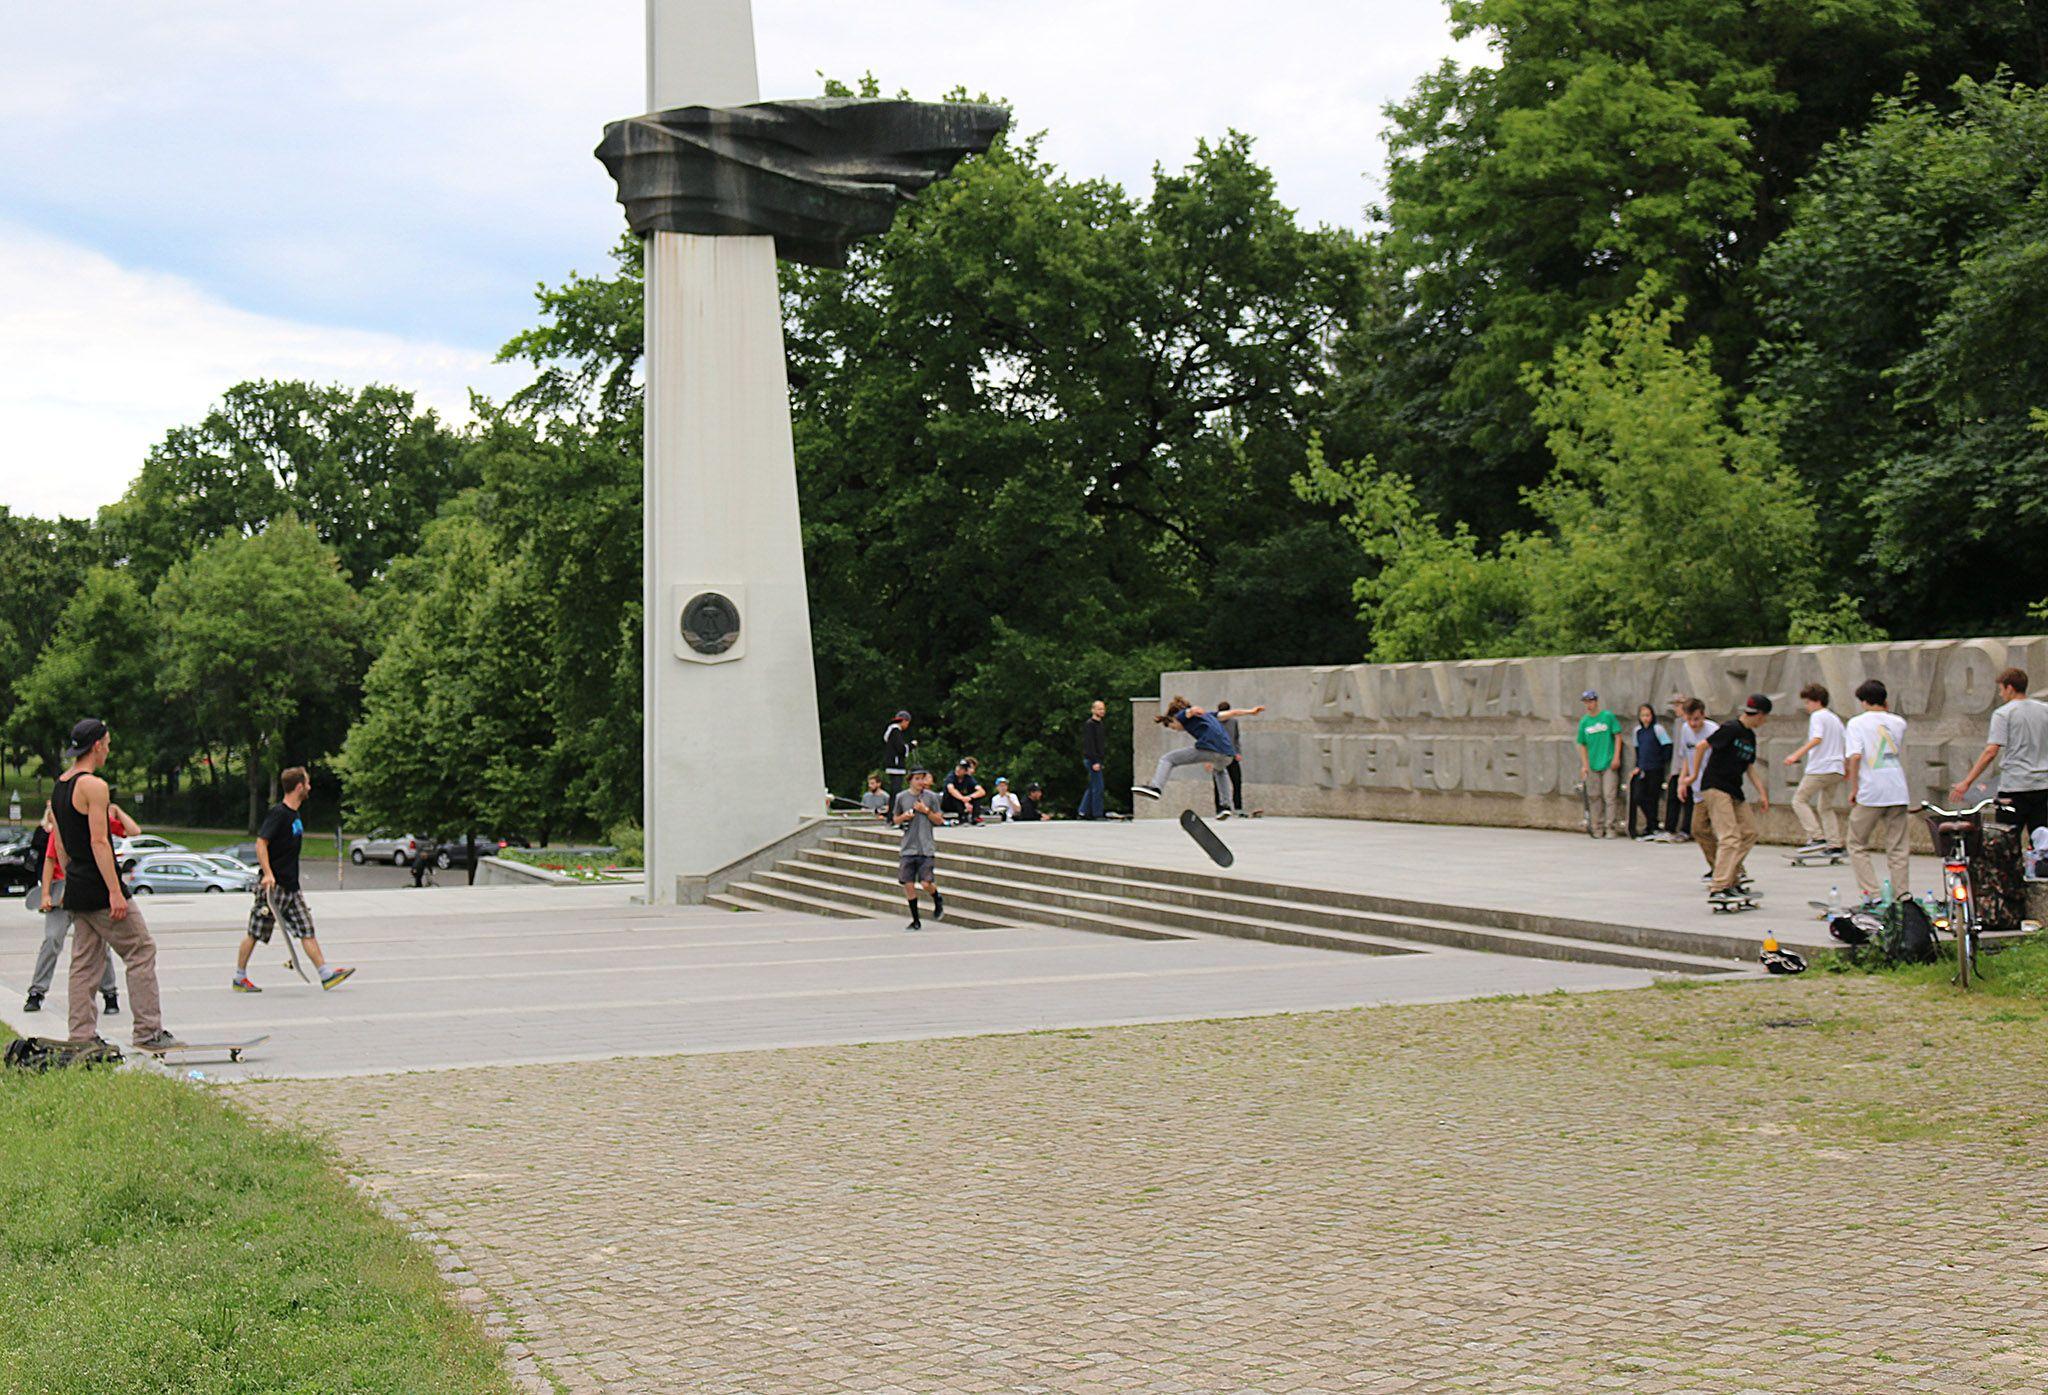 Volkspark Friedrichshain in Berlin